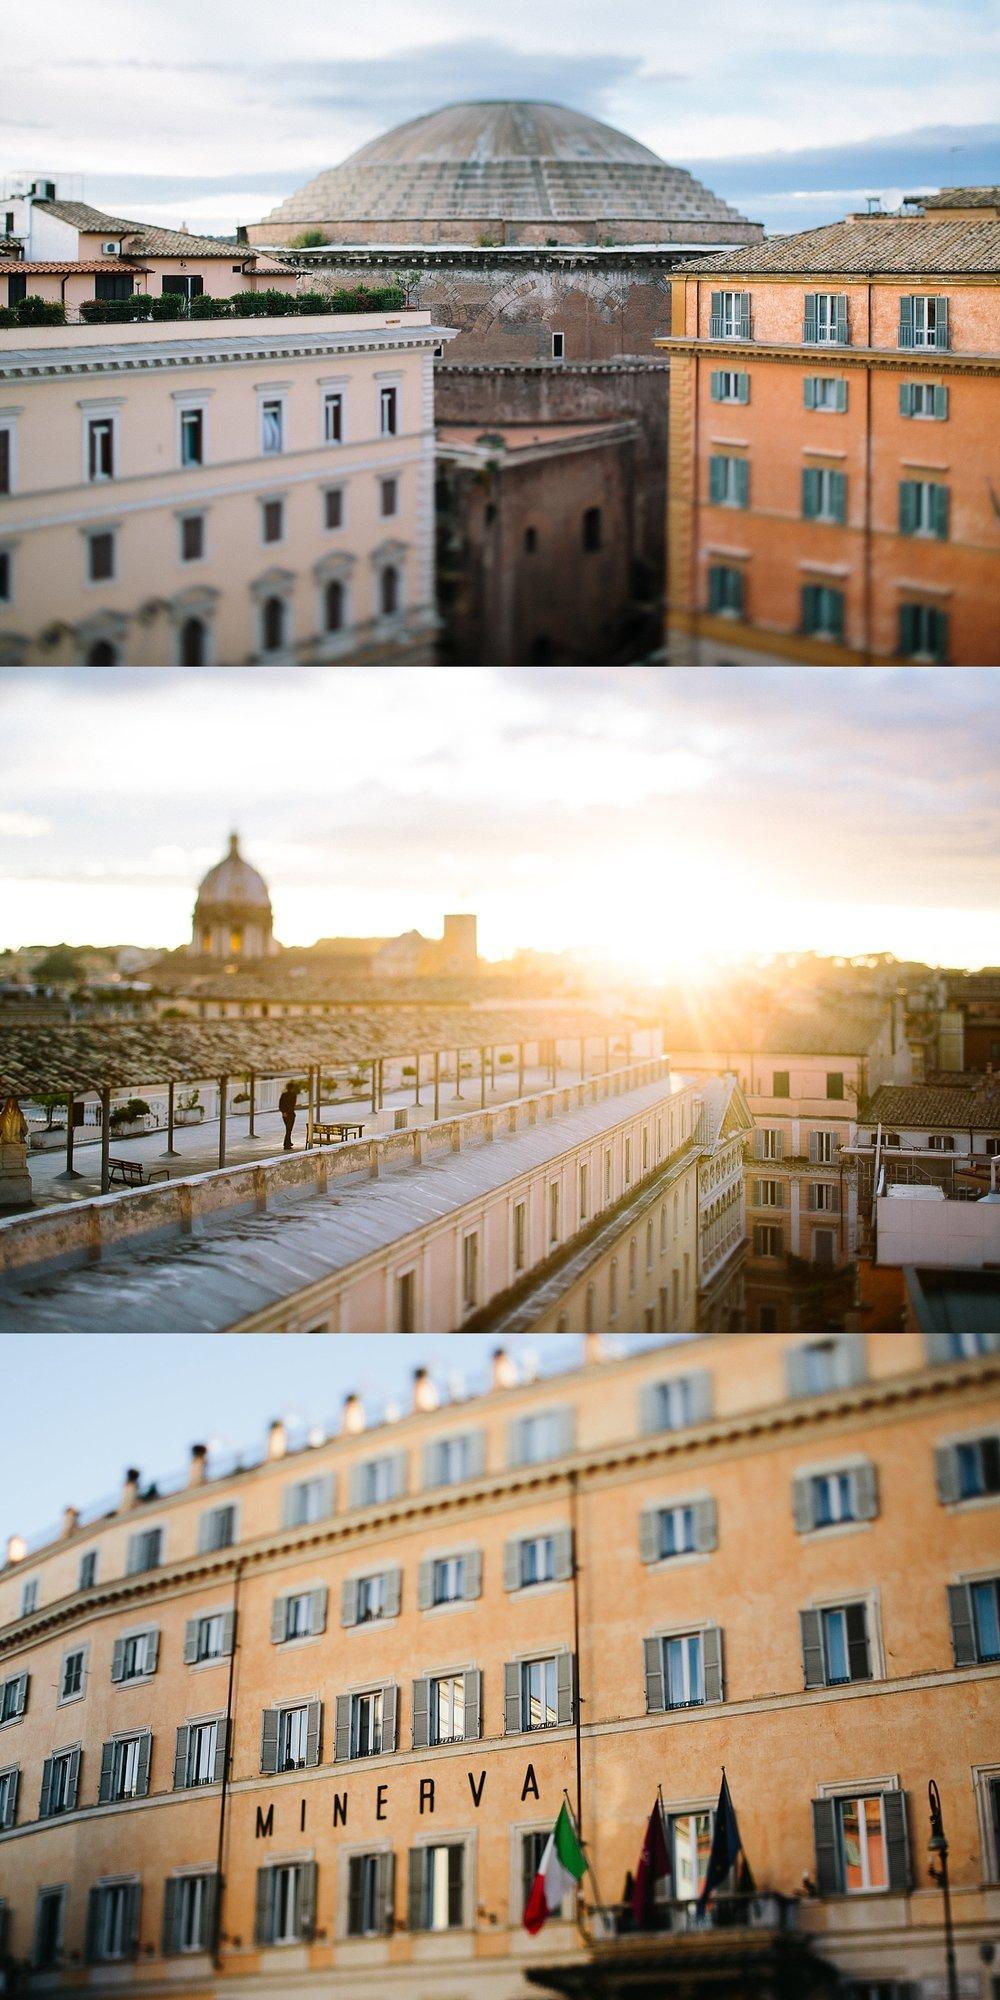 hotel-minerve-rome-italy.jpg